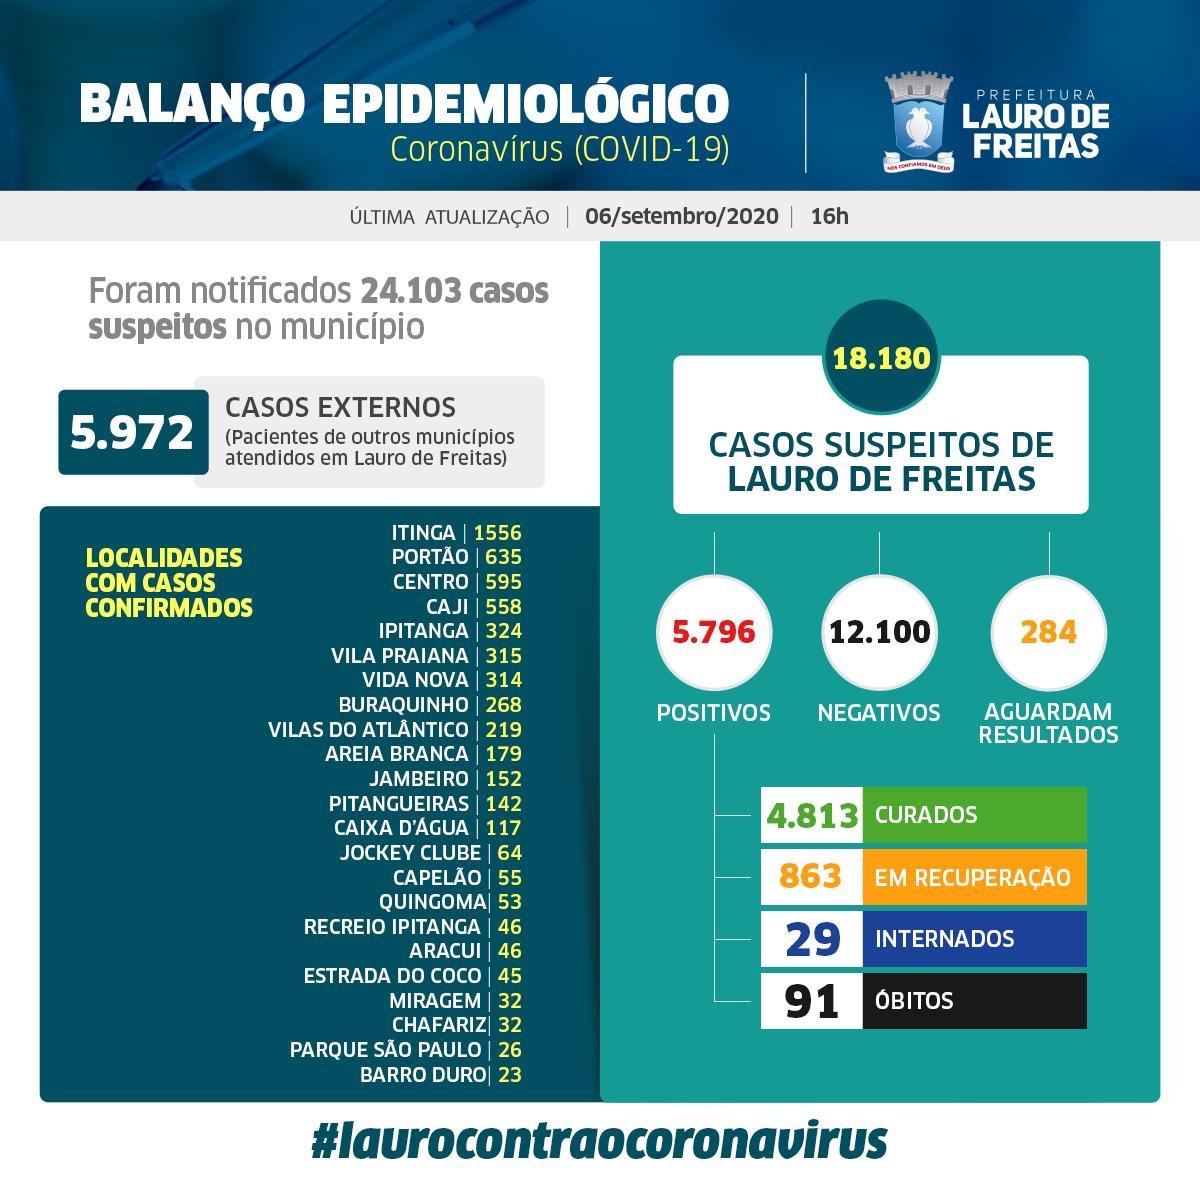 Lauro de Freitas registra 5.796 casos da Covid-19, sendo que desses, 4.813 pessoas já estão curadas